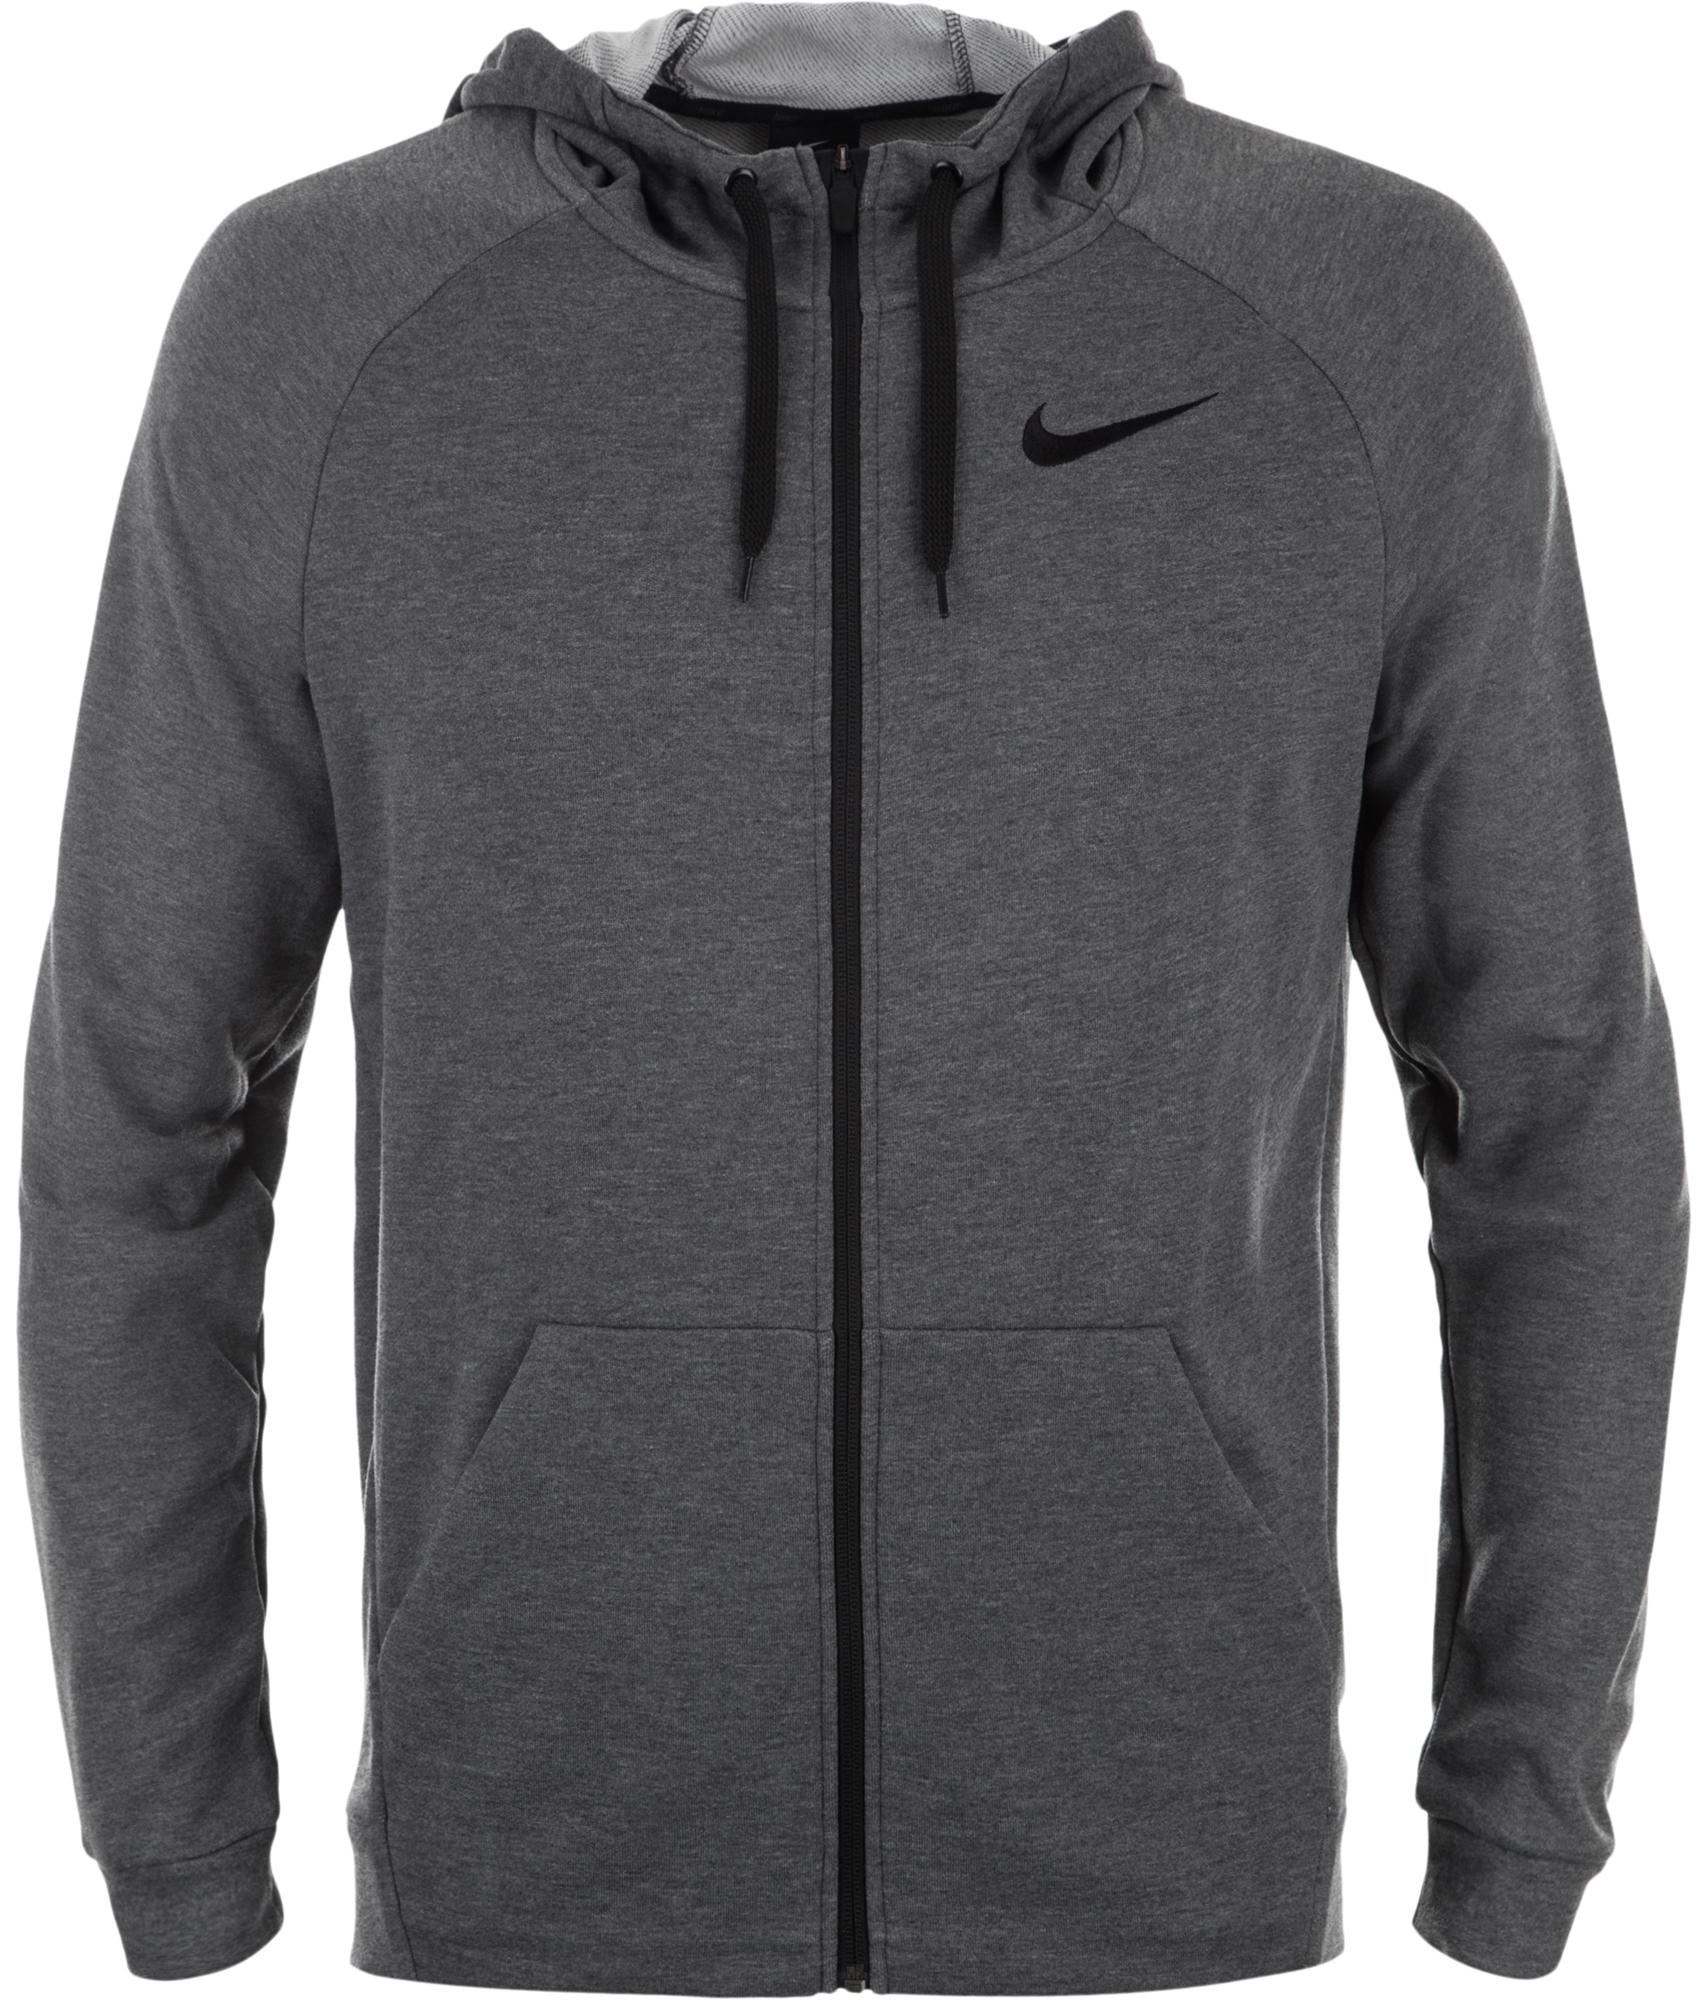 Nike Джемпер мужской Nike Dry, размер 52-54